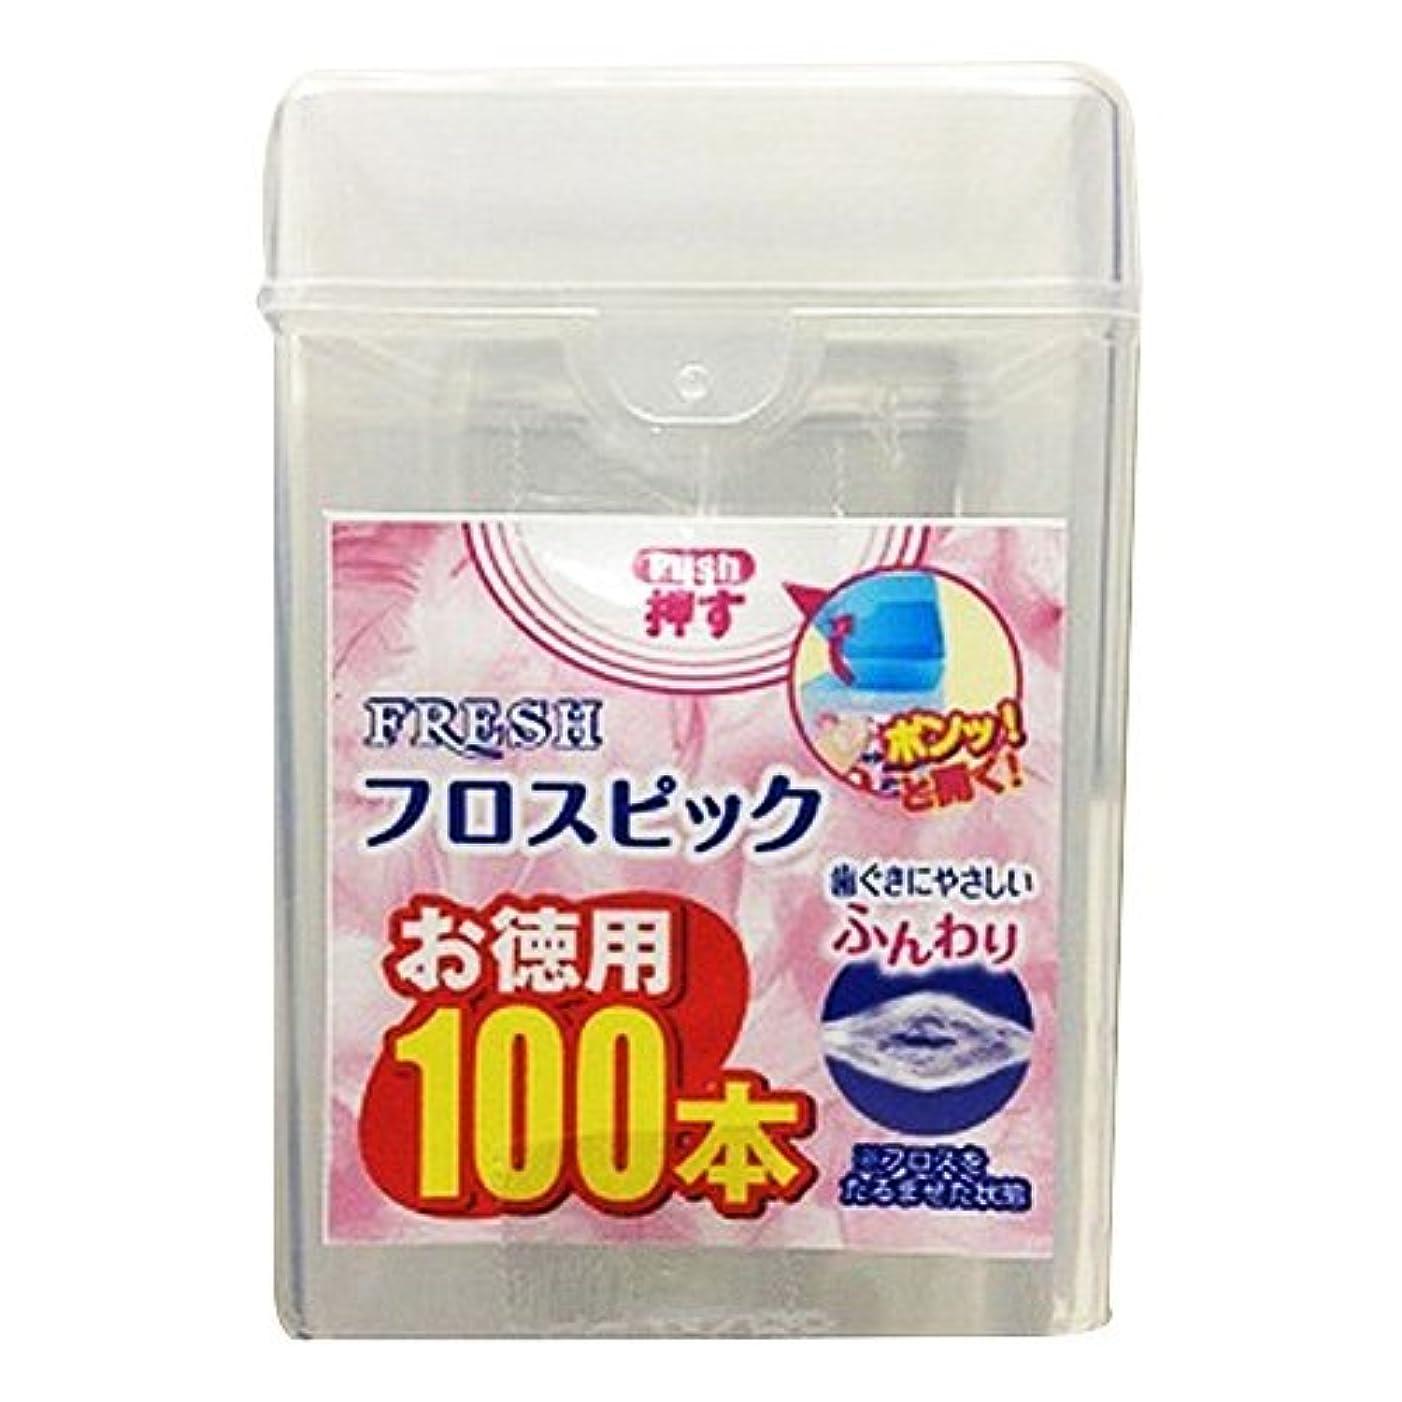 デンタルプロ フレッシュ フロスピック 100本入